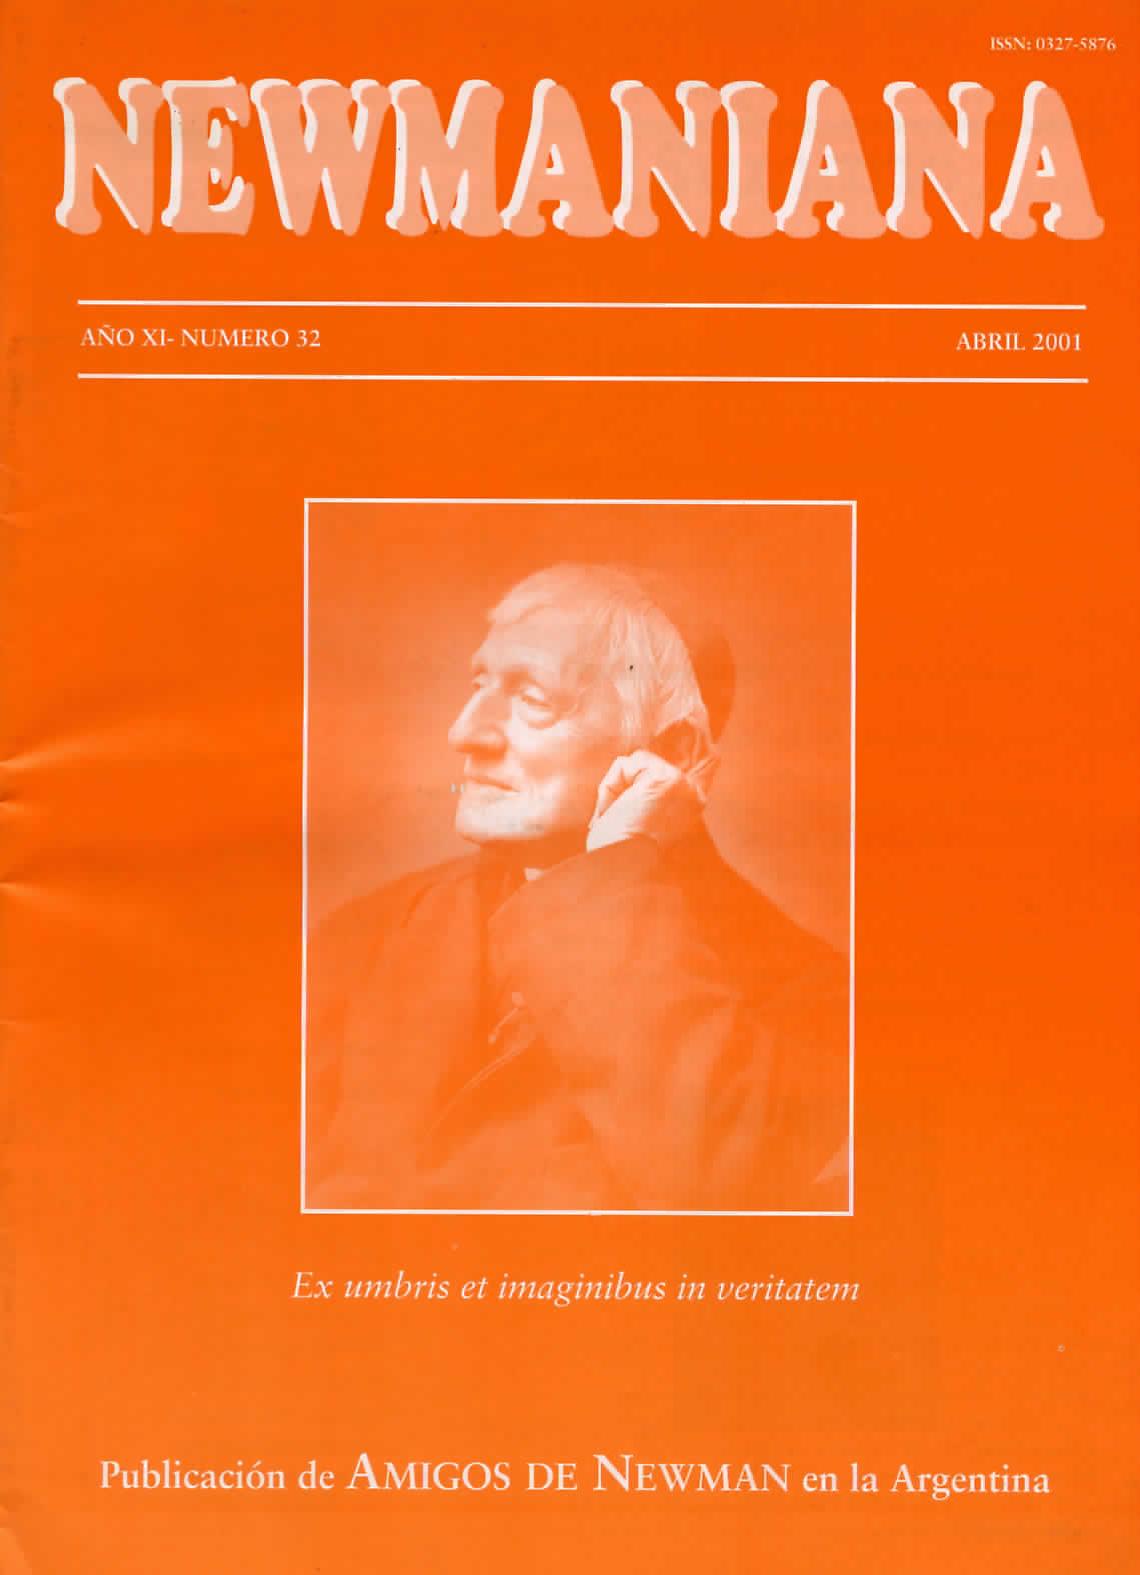 Revista Newmaniana N° 32 – Abril 2001